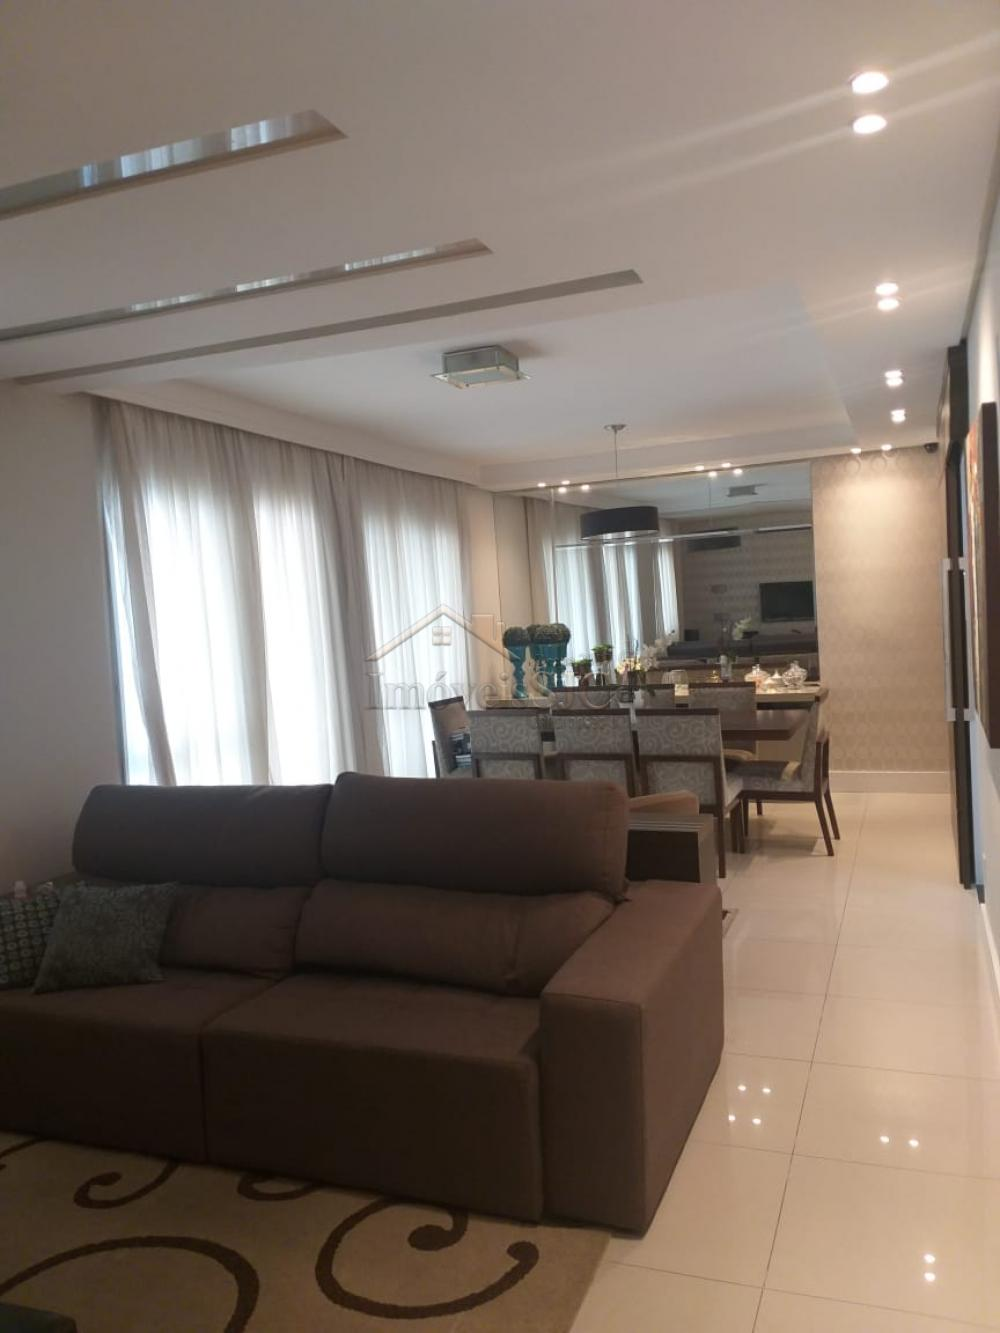 Comprar Apartamentos / Padrão em São José dos Campos apenas R$ 820.000,00 - Foto 3